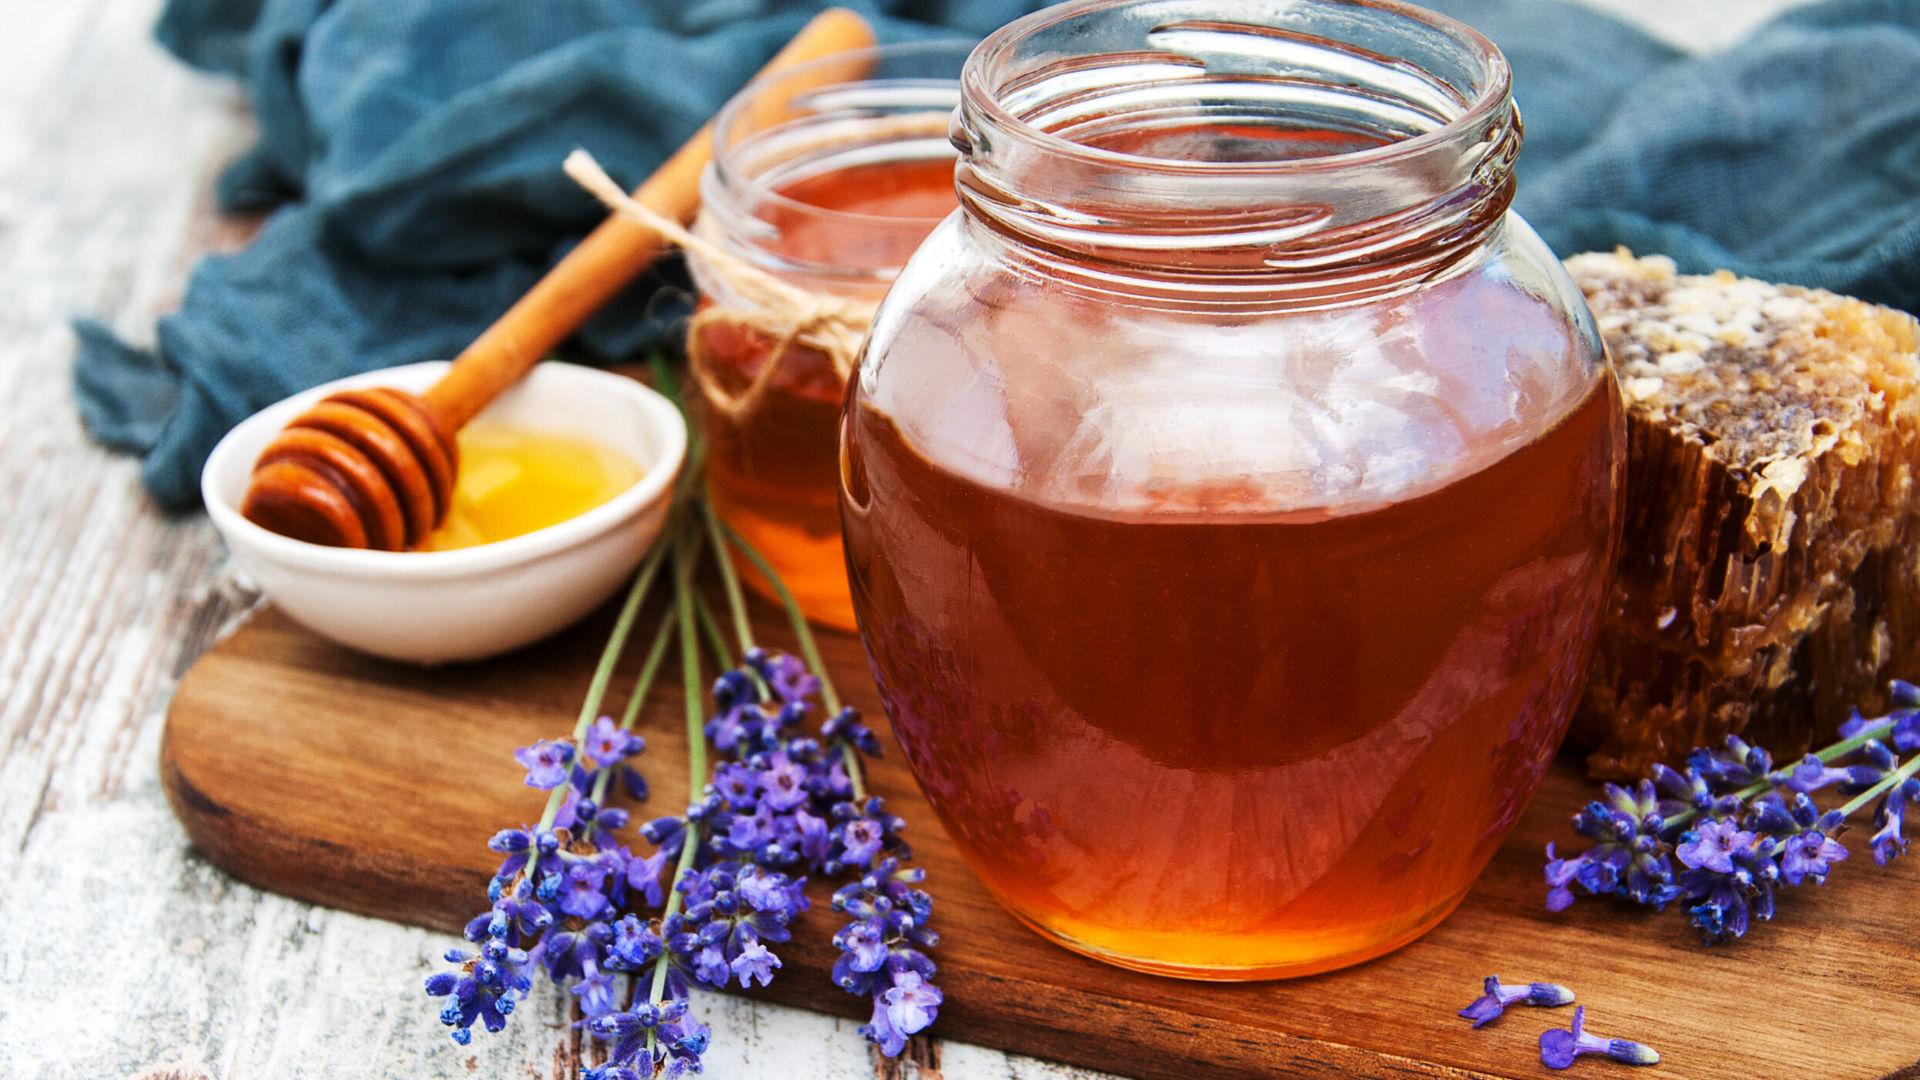 barattolo-miele-naturale-su-tagliere-e-spezie